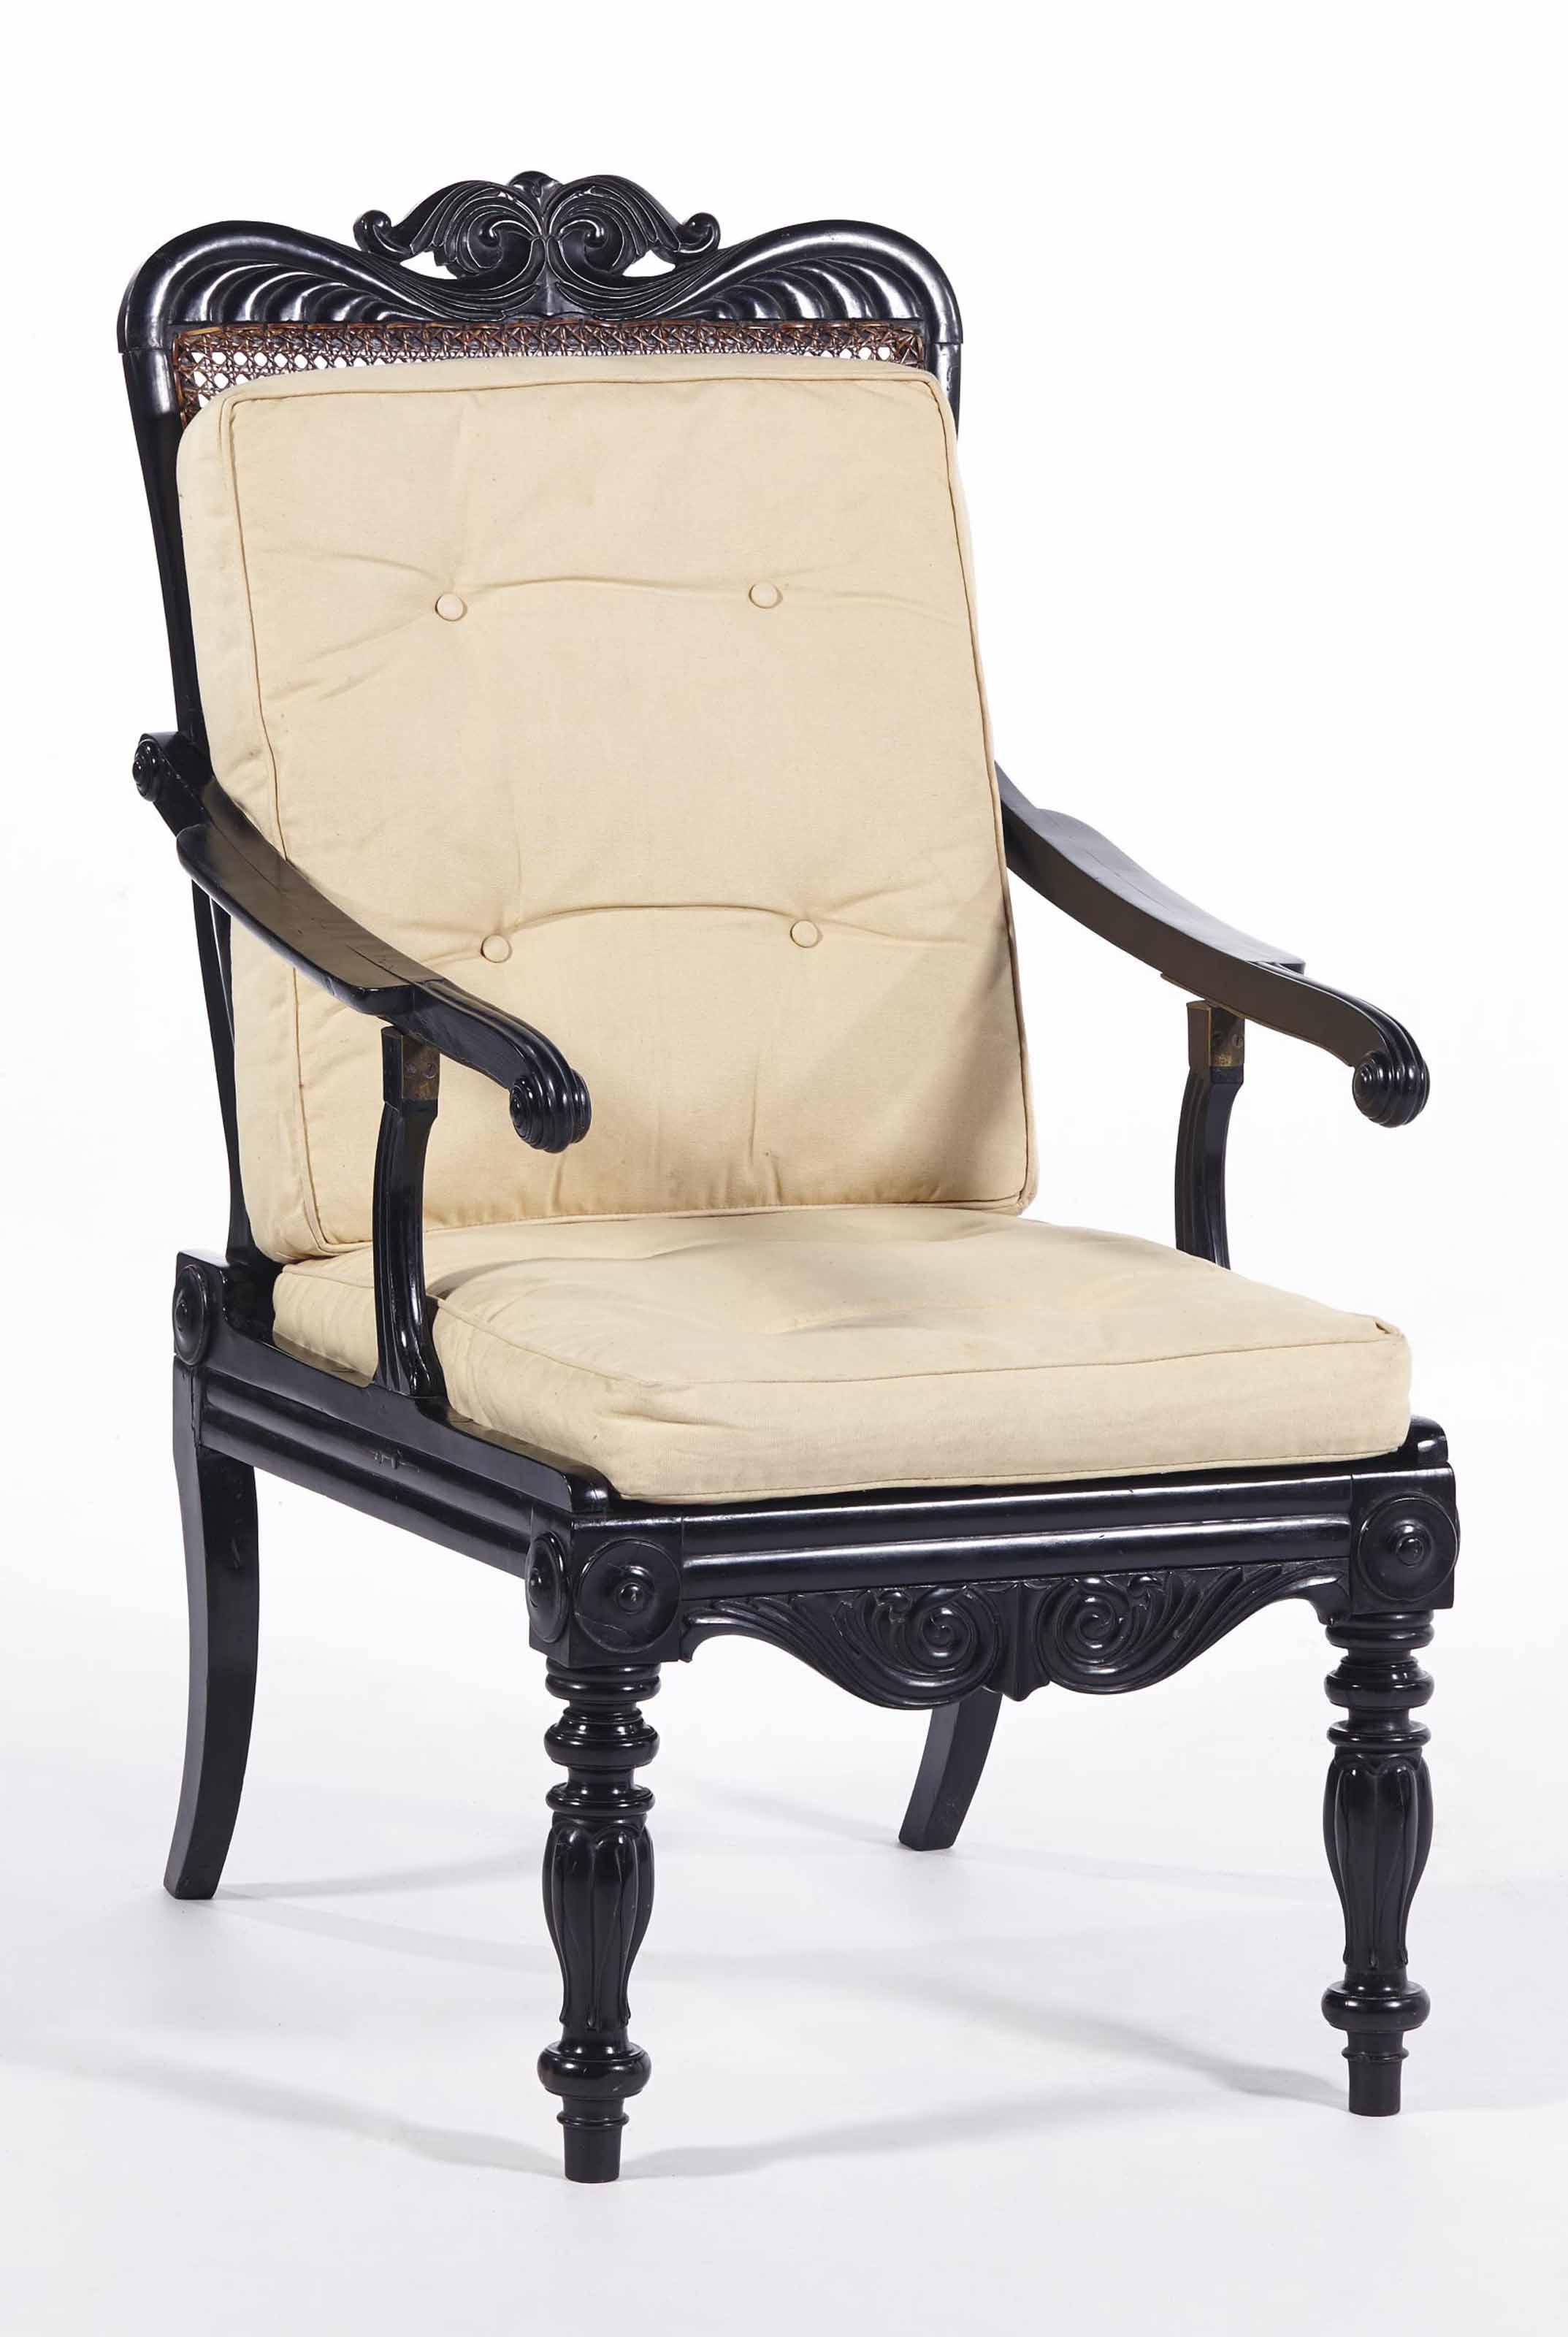 chaise longue anglo indien du xixeme siecle christie 39 s